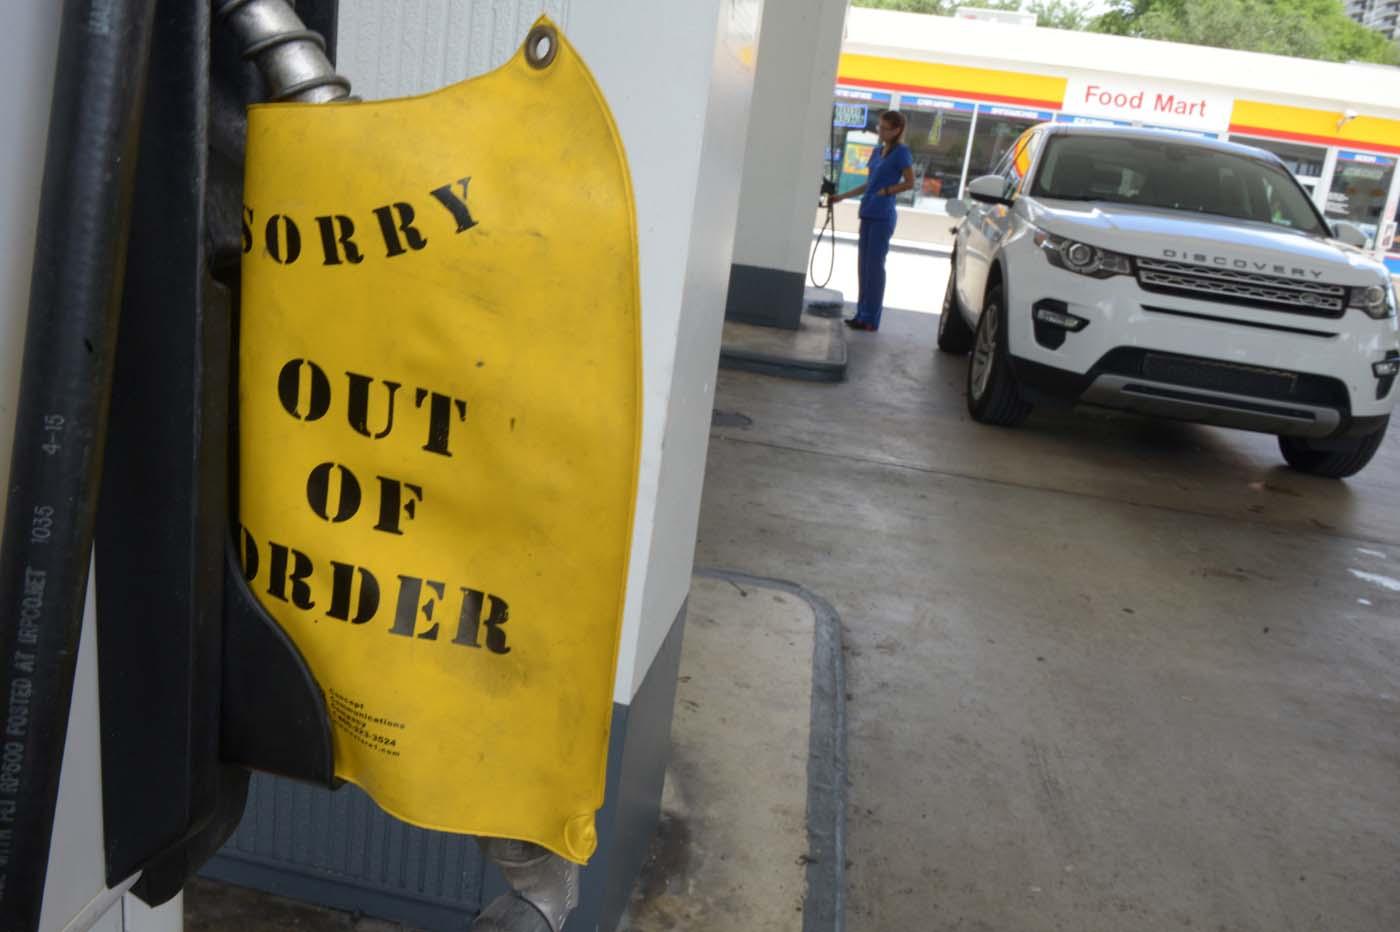 """SHM50 - MIAMI (FL, EEUU), 05/10/2016.- Una gasolinera cuelga un cartel de """"Fuera de servicio"""" debido a la alta demanda ante la llegada del huracán Matthew hoy, miércoles 5 de octubre 2016, en Miami, Florida (Estados Unidos). Los residentes de Florida enfrentan hoy una maratoniana jornada en busca de comida, agua, gasolina, medicinas y barreras de contención para encarar el impacto de Matthew, que se prevé que afectará a partir de mañana al sureste de Estados Unidos como un huracán de categoría mayor. EFE/Giorgio Viera"""